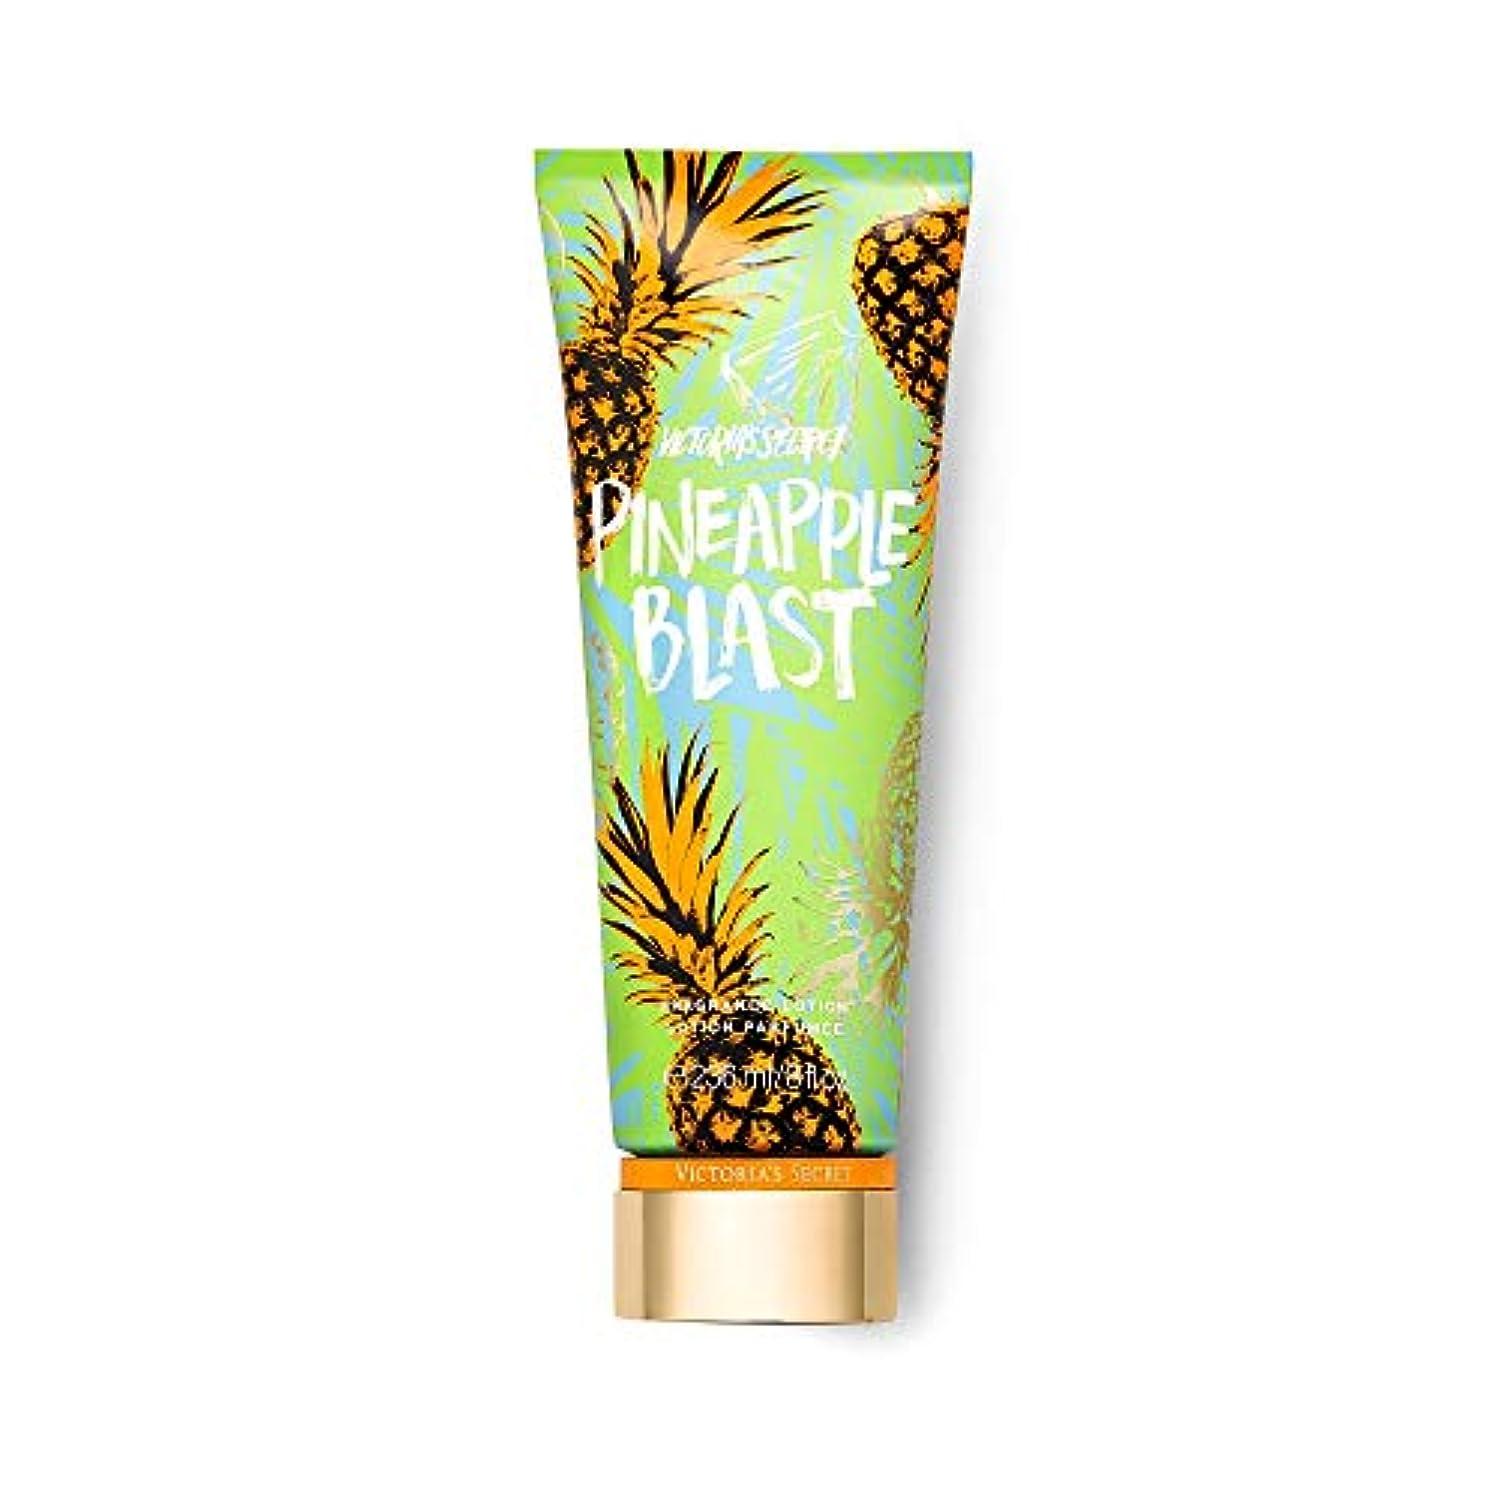 出力試験ステーキフレグランスローション【限定品?JuiceBarCollection】 Victoria'sSecret Fantasies FragranceLotion ヴィクトリアズシークレット (3.パイナップルブラスト/PineappleBlast...